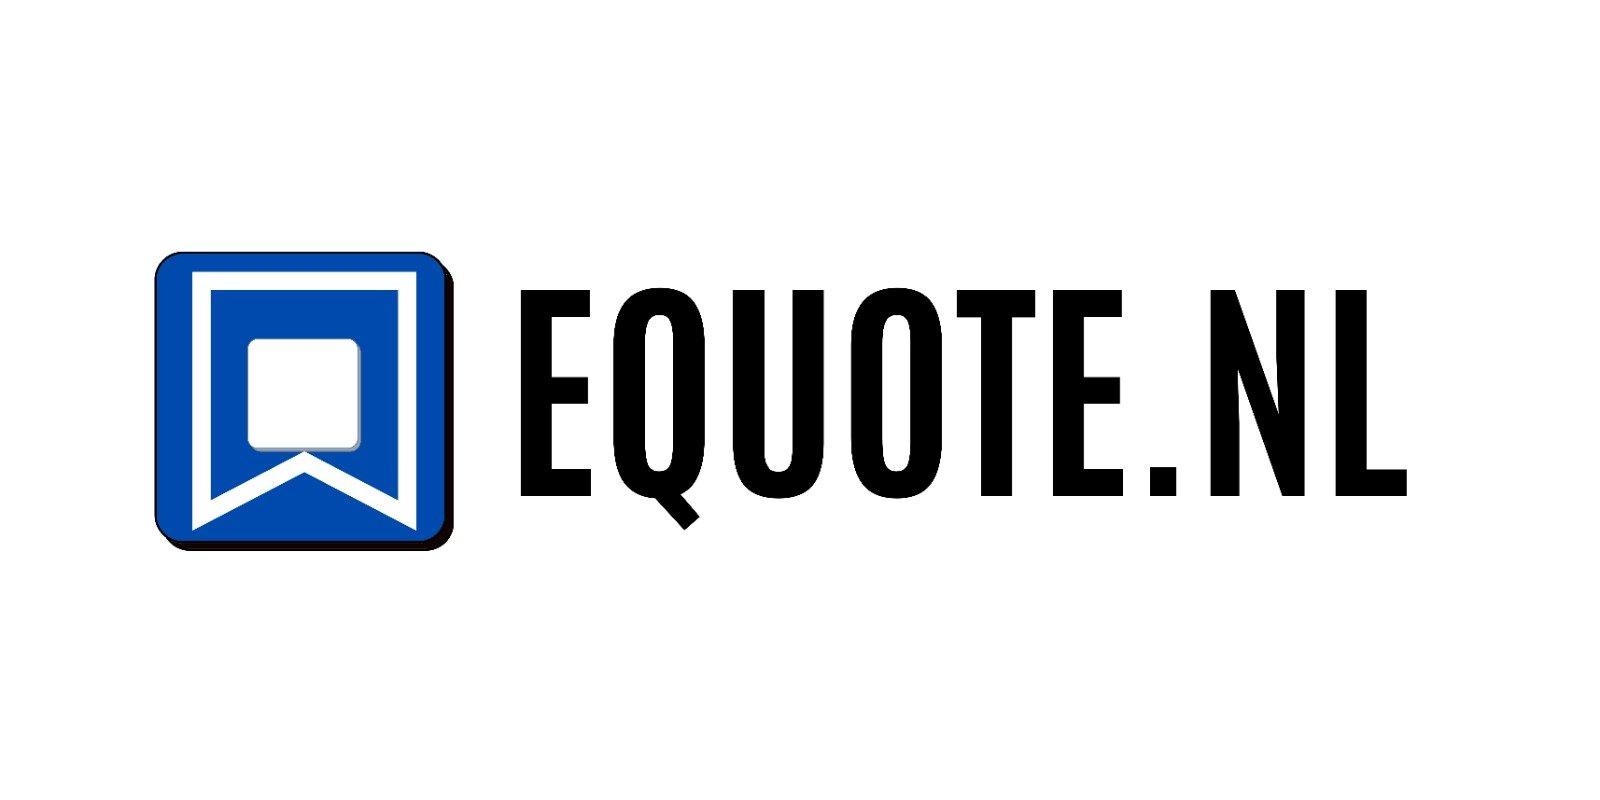 Equote.nl